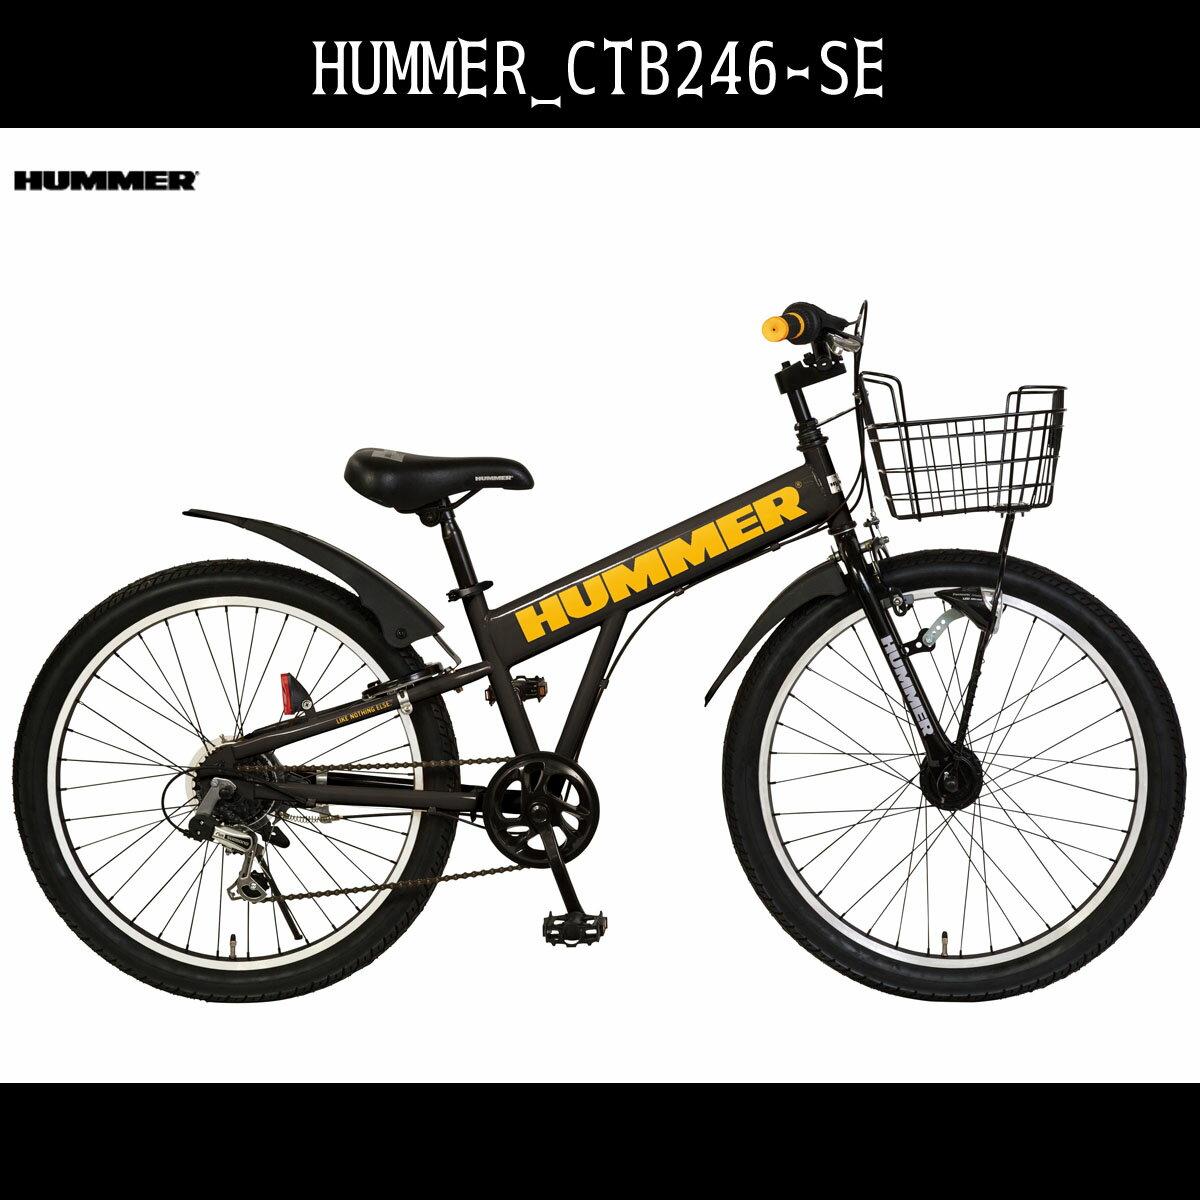 【送料無料 子供用 マウンテンバイク 自転車 ハマー(HUMMER)子ども用 自転車】ブラック 黒【24インチ 外装6段変速ギア LEDオートライト 泥除け かご付 鍵付のマウンテンバイク】 HUMMER CTB246-SE ハマー 自転車 激安 クリスマス